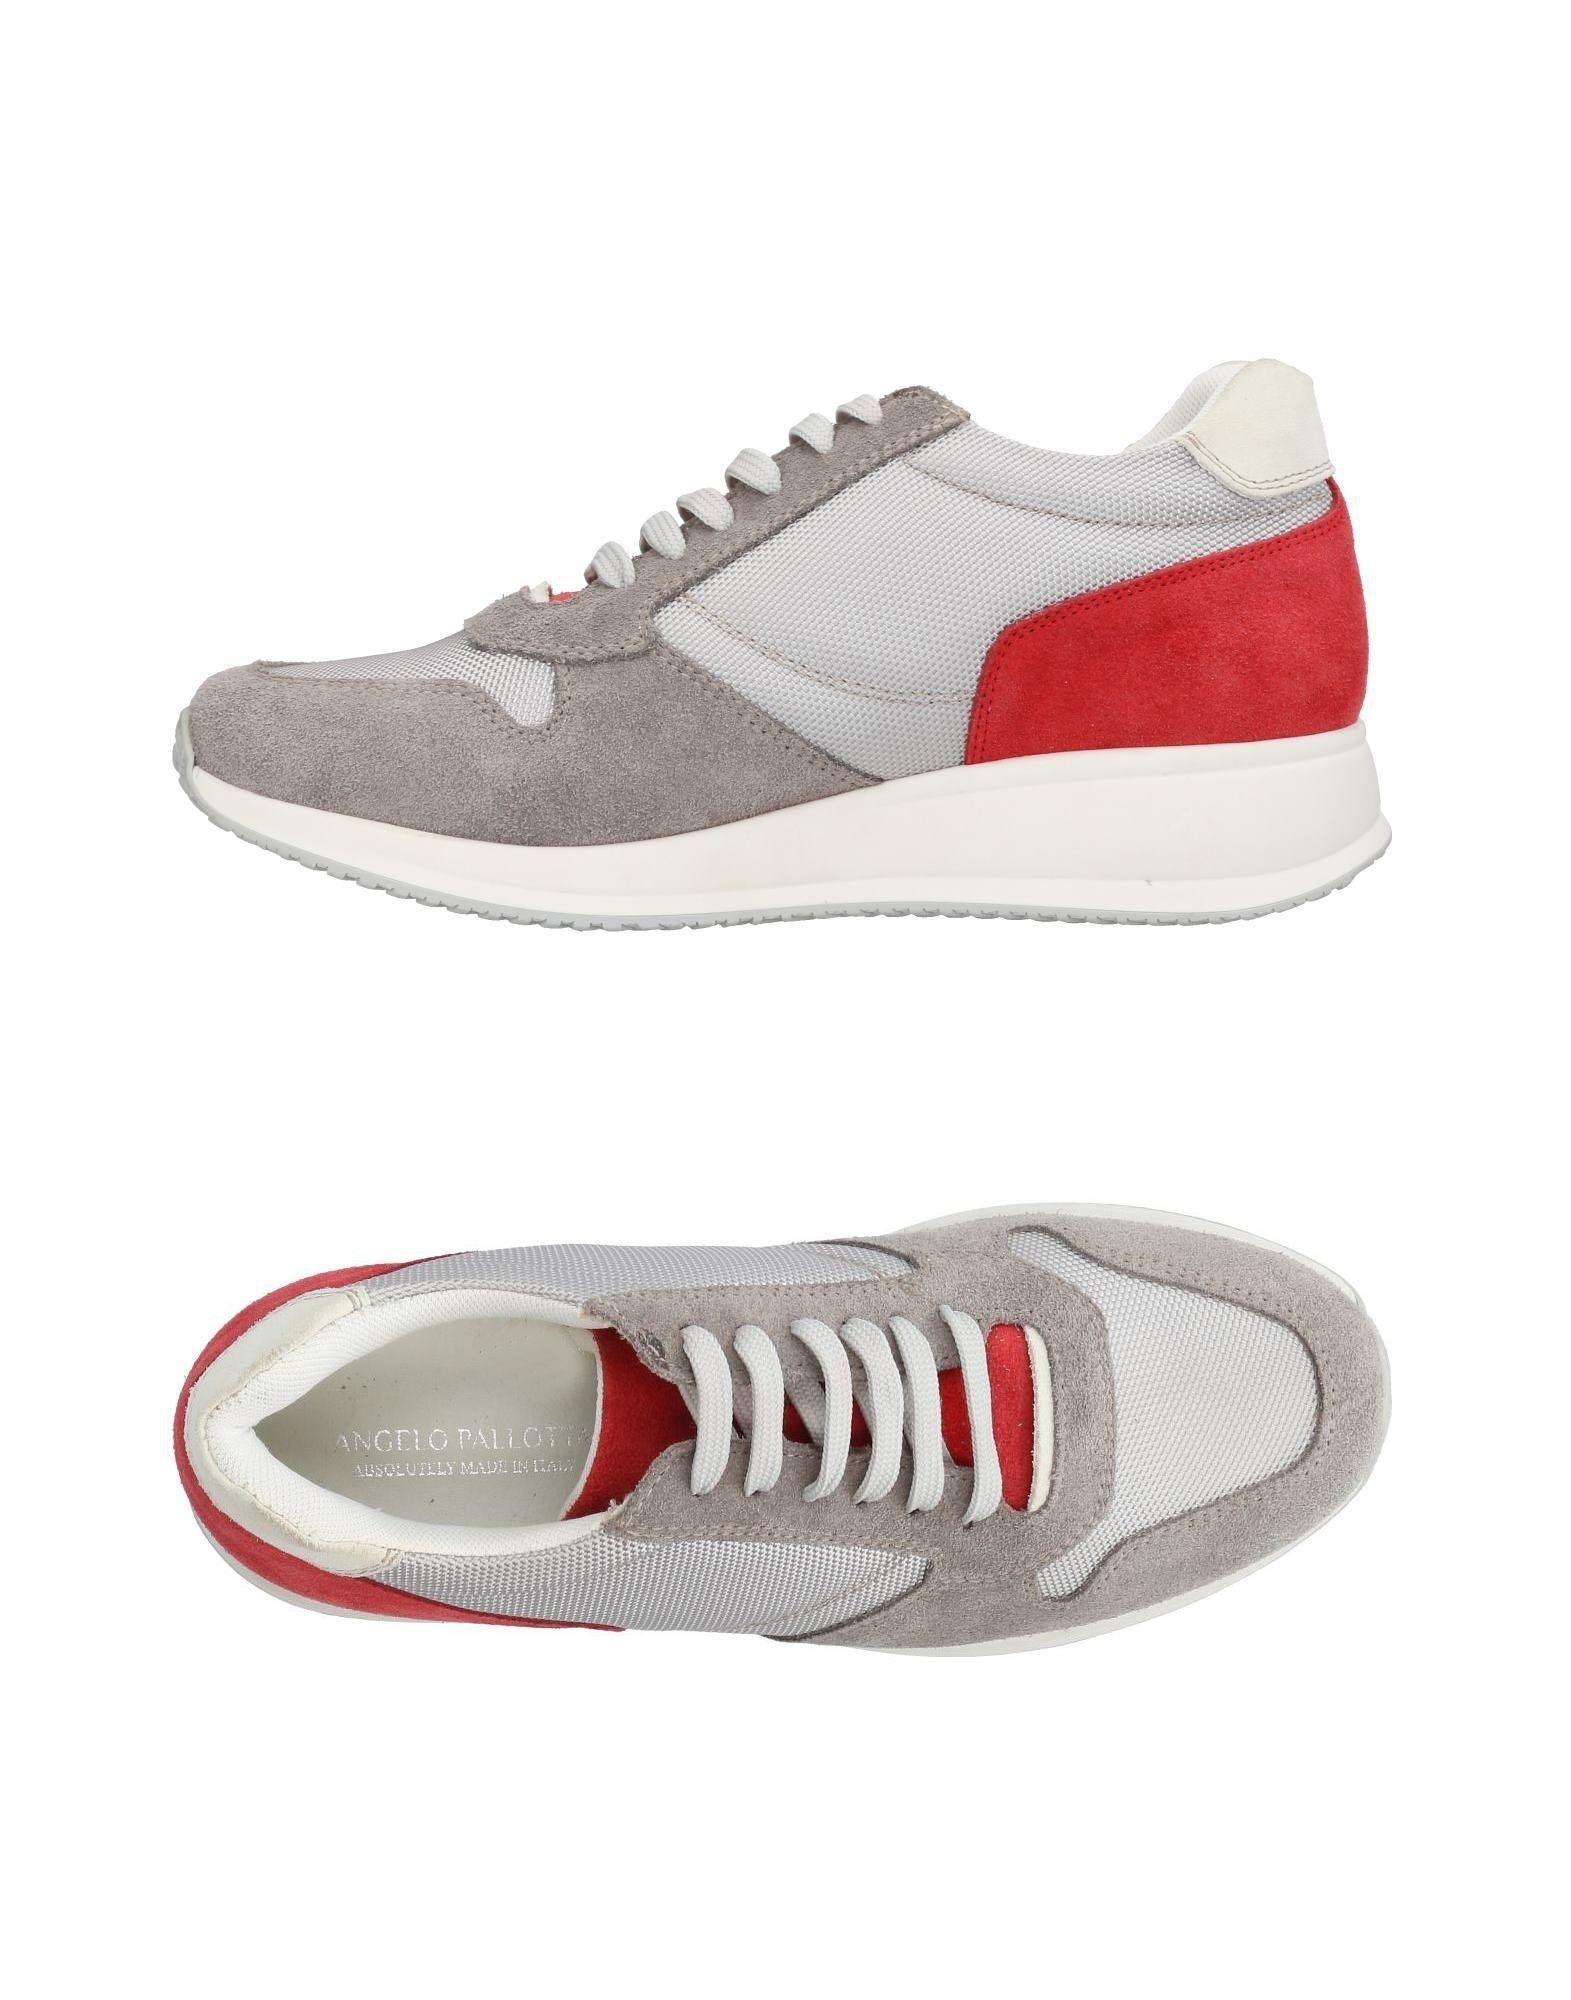 Angelo Pallotta Sneakers  Herren  Sneakers 11456203SX f80a2f